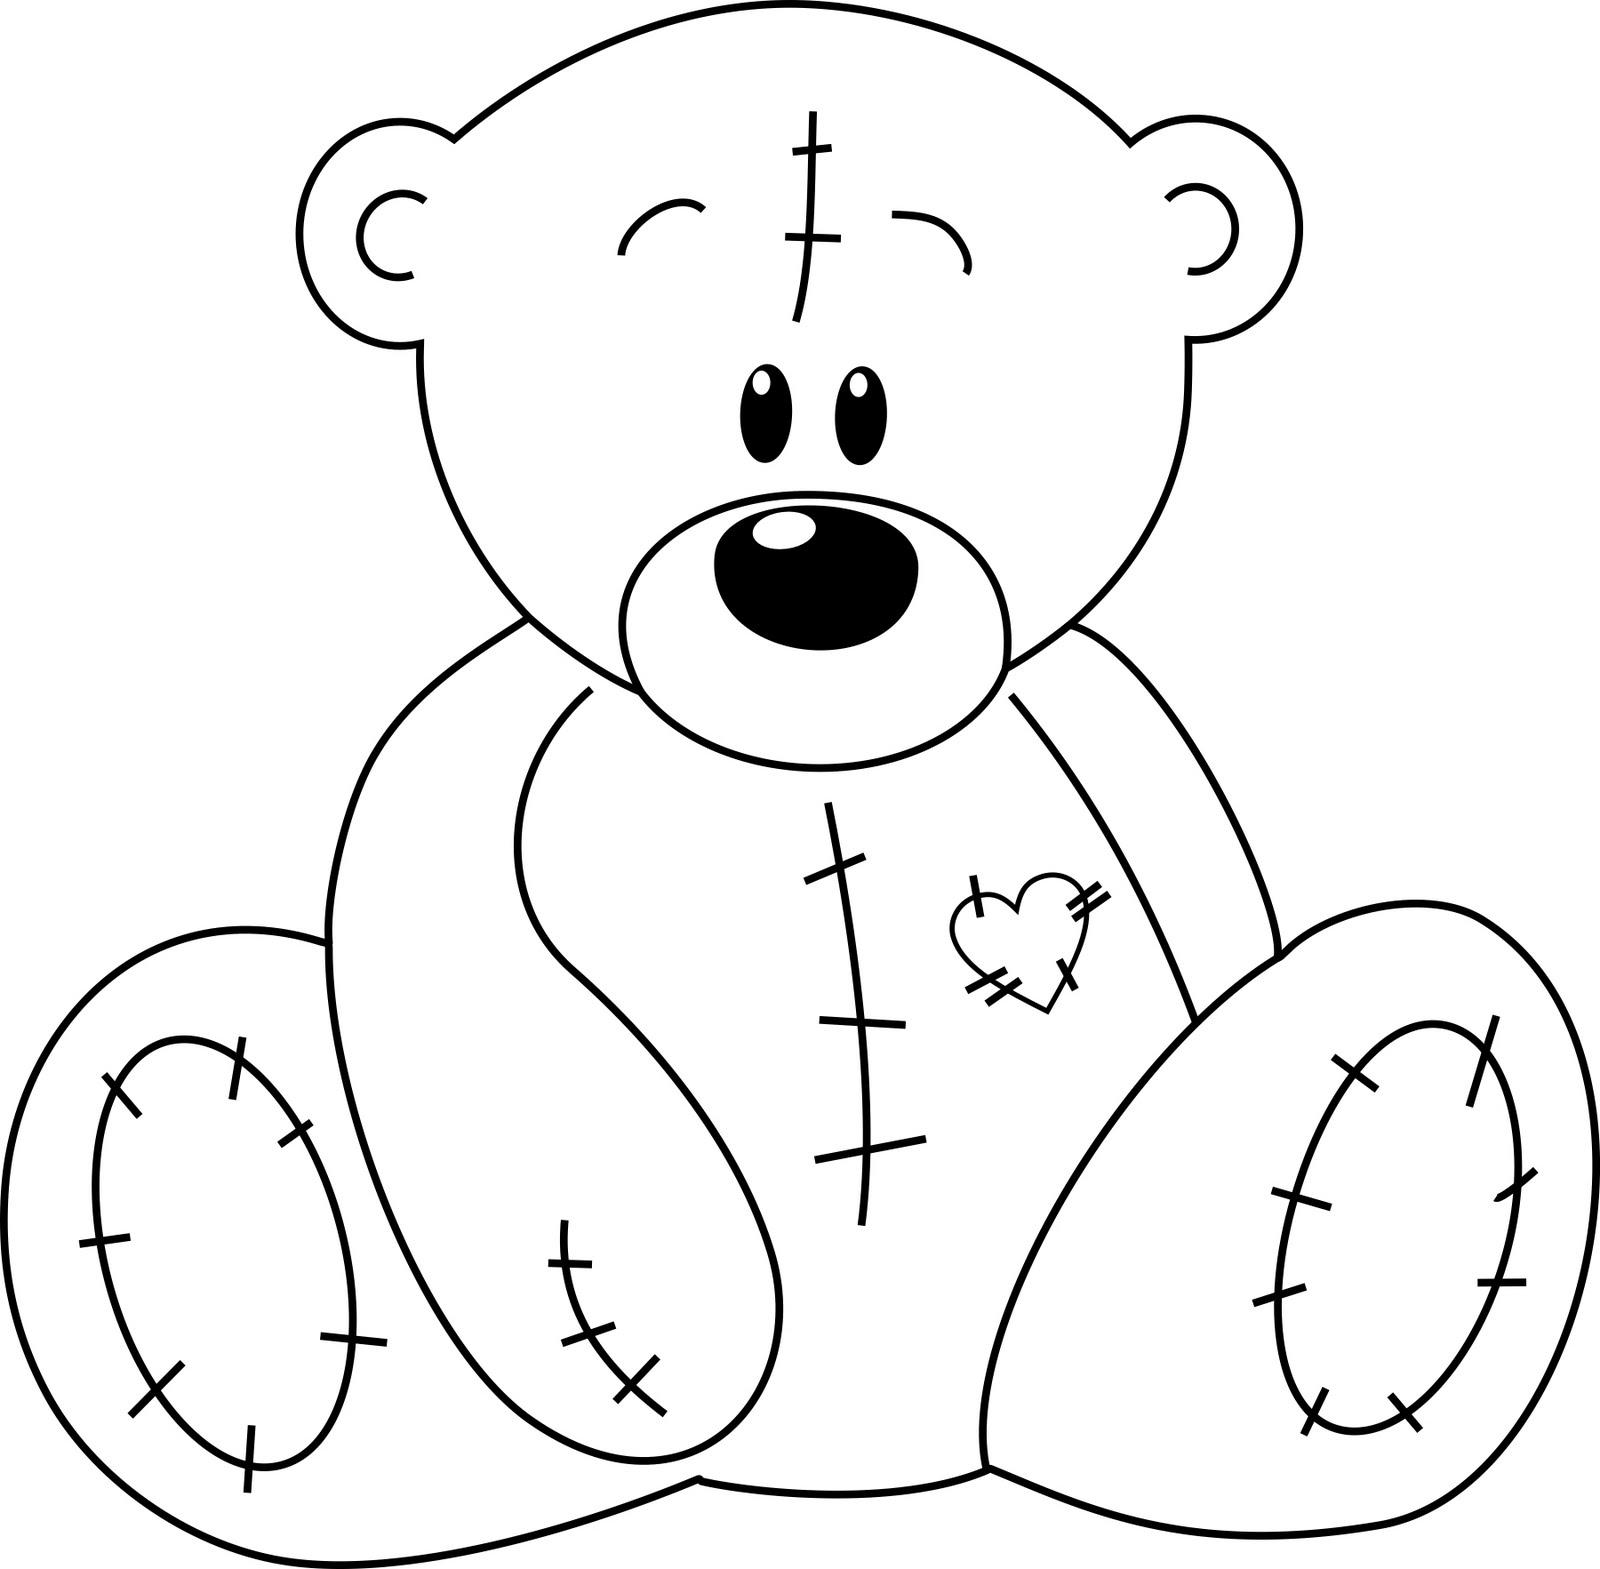 Outline Of Teddy Bear.